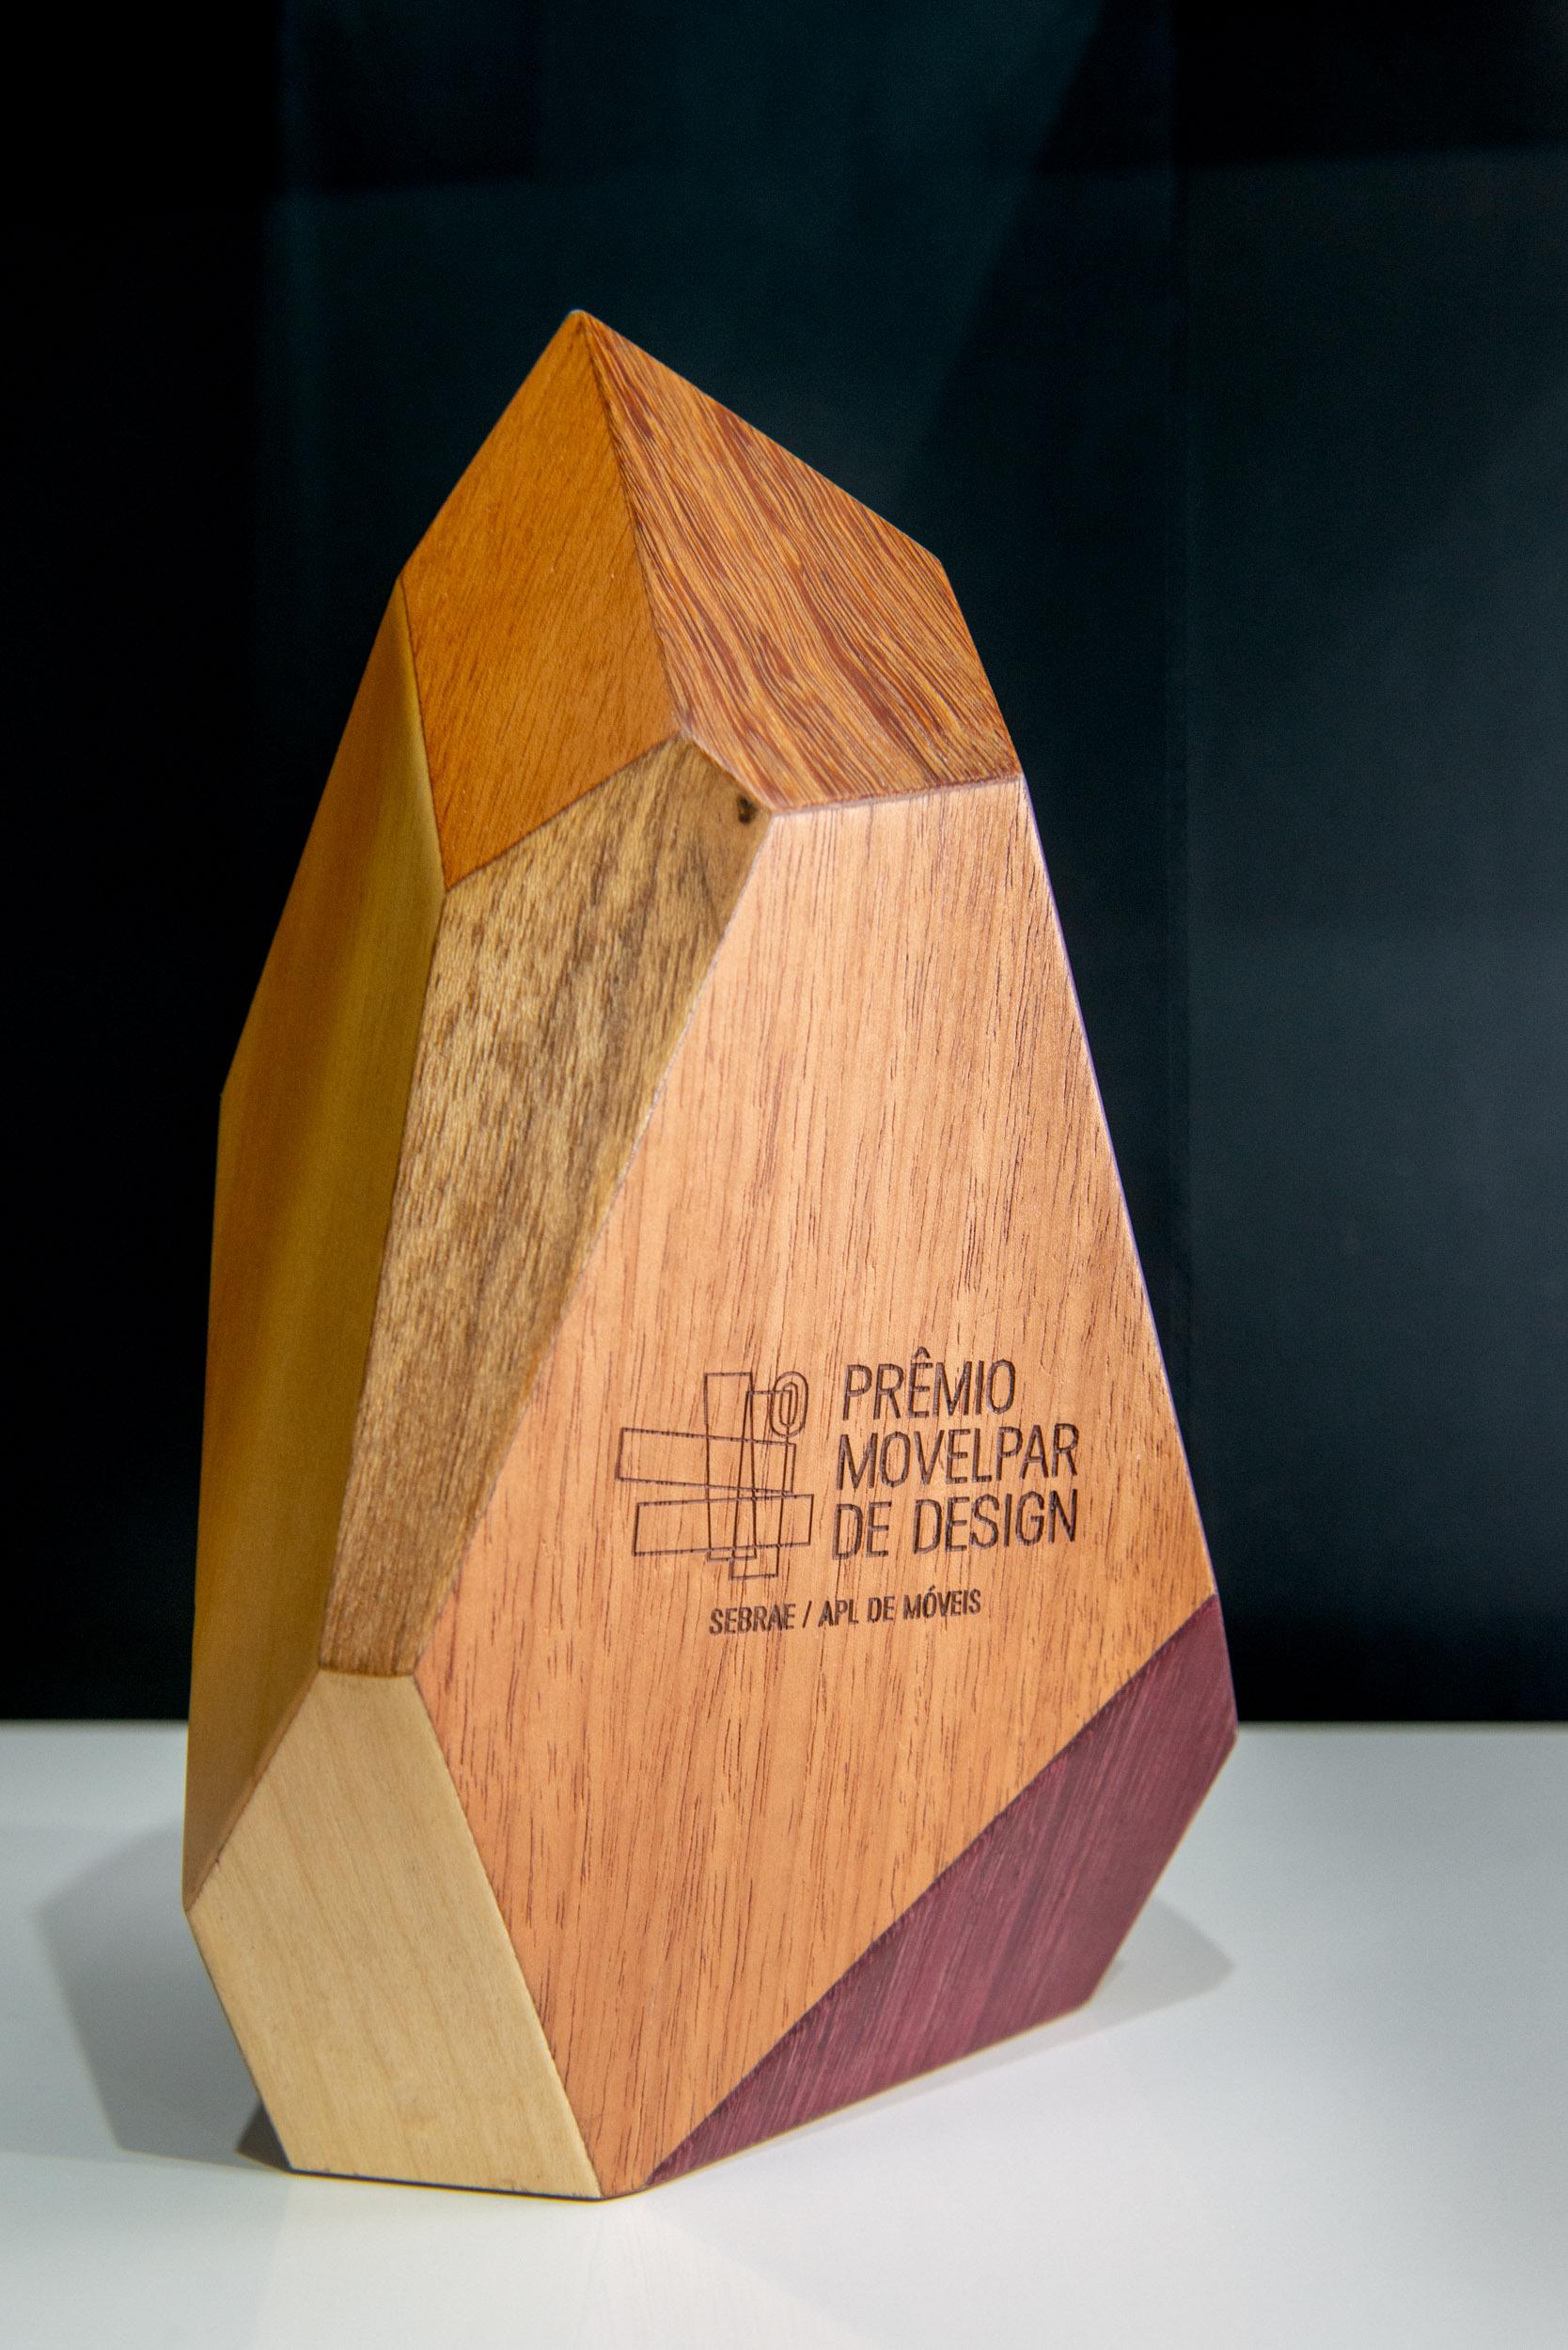 Prêmio de Design Movelpar revela vencedores e aponta rumos para inovação